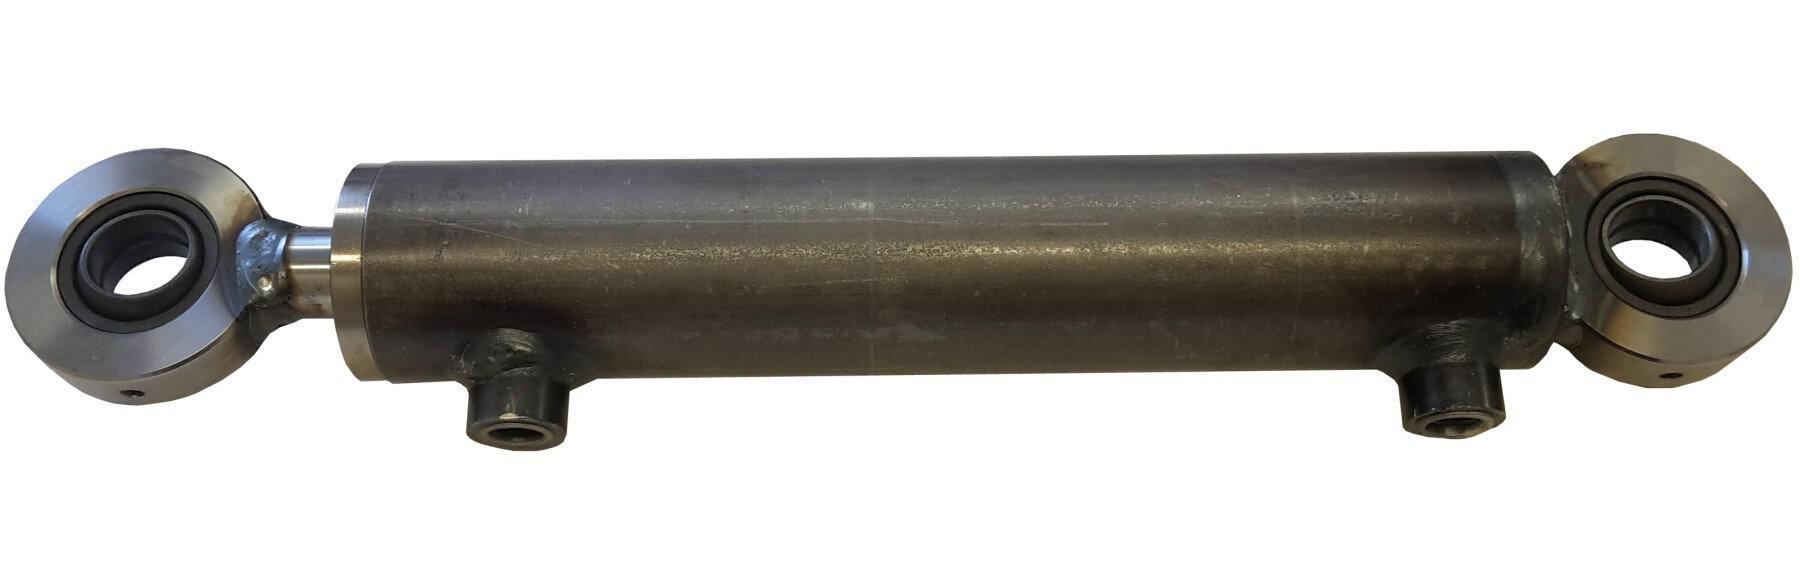 Hydraulisylinteri CL 70. 40. 200 GE - Kailatec Oy Verkkokauppa